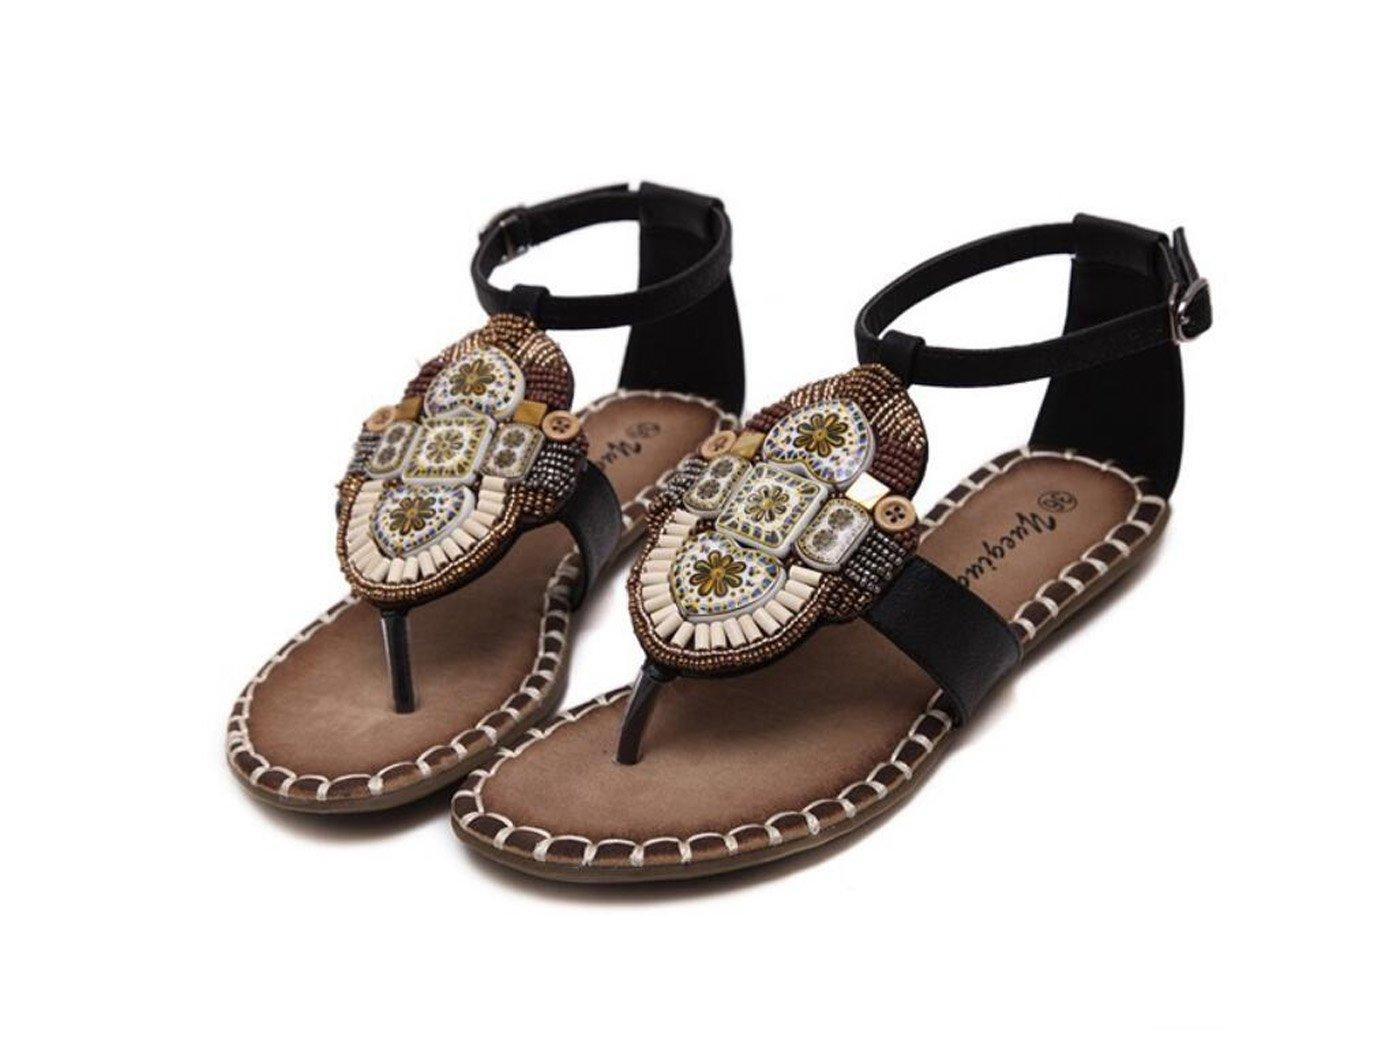 DANDANJIE Damenschuhe Frühling Sommermode Sandalen Bohemian Style für Open Toe Buckle für Style Kleid Party (Farbe : schwarz, Größe : 39) schwarz 95469b